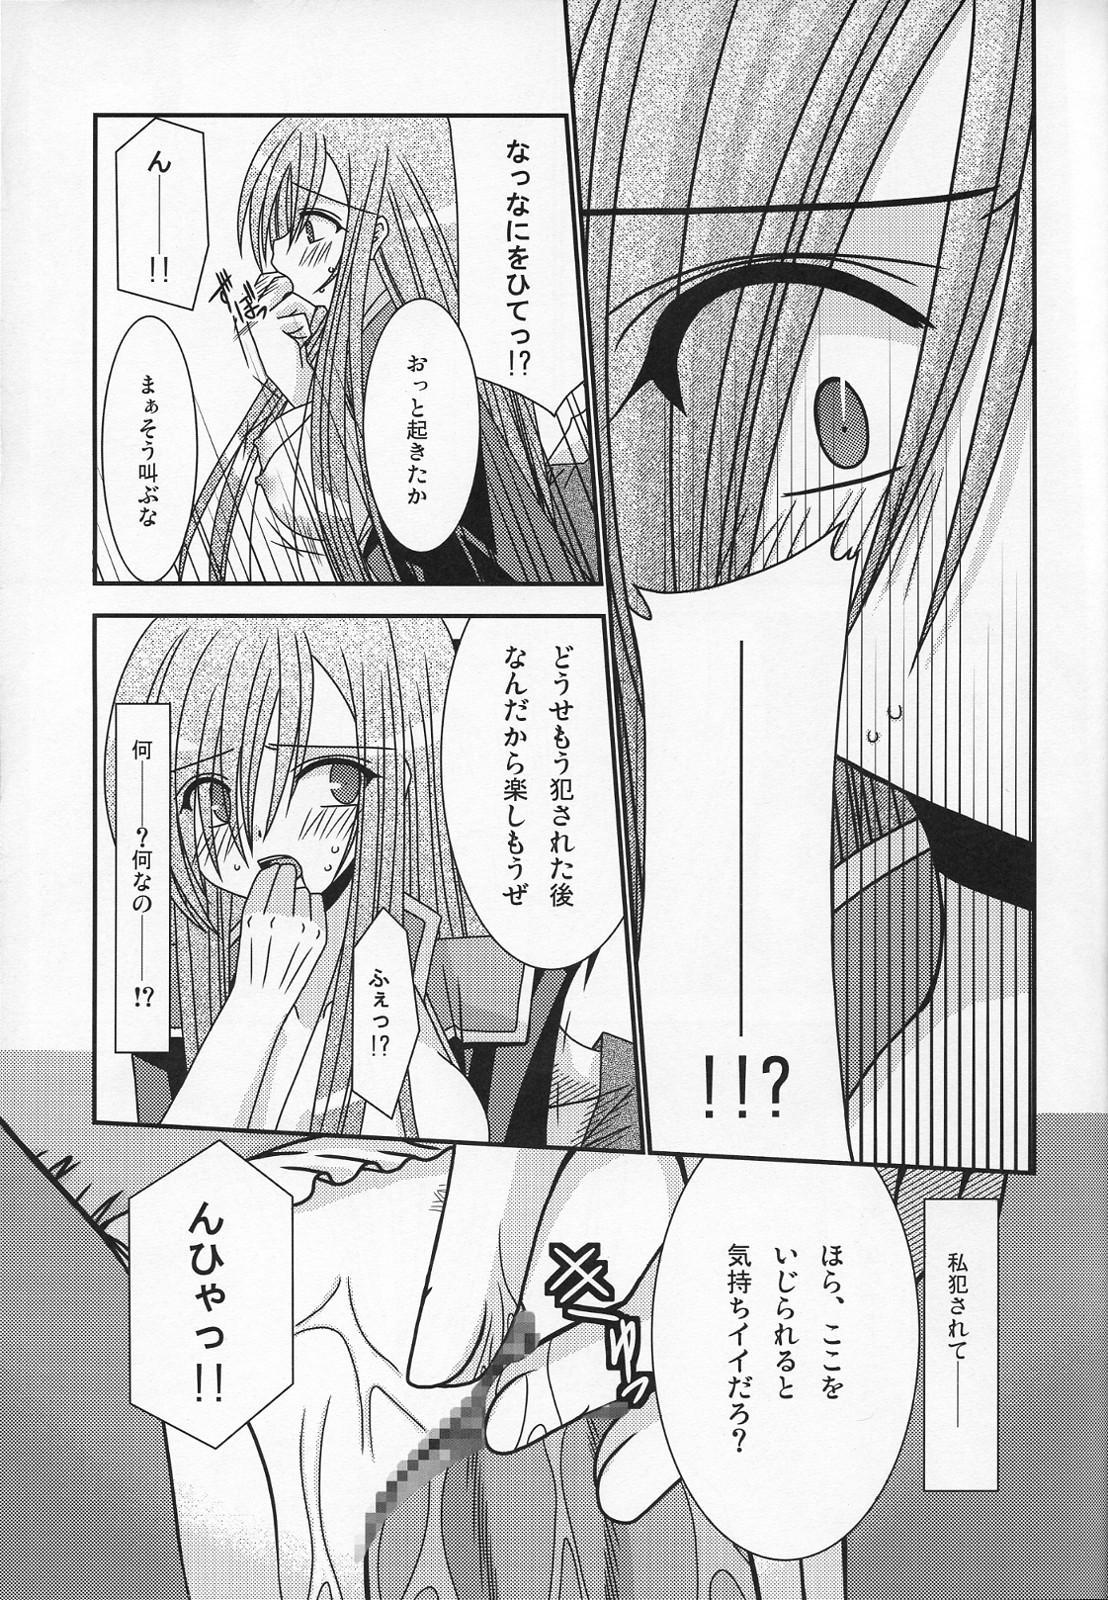 Ryoujyoku Melon Kyoushi 11